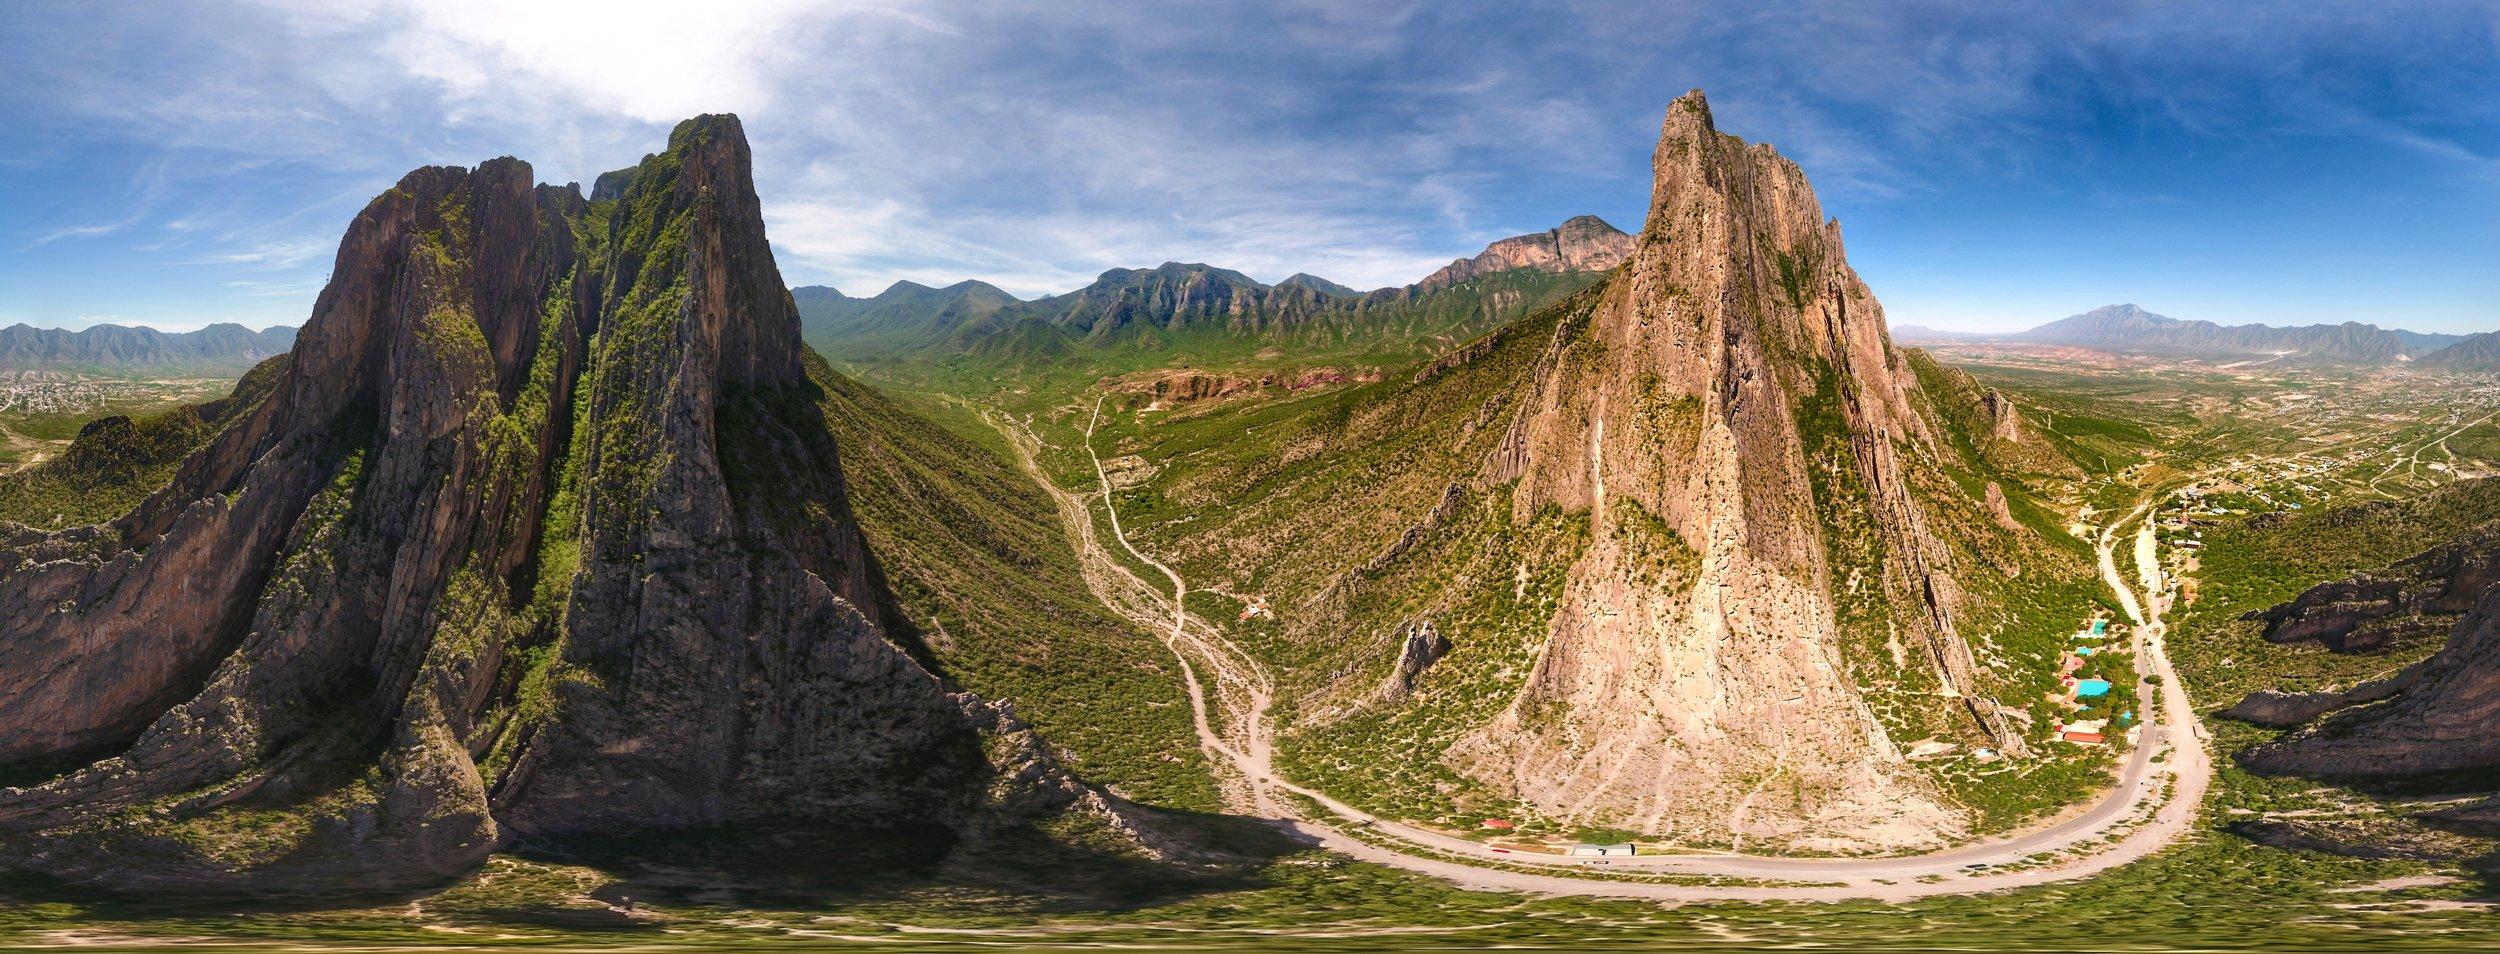 El Potrero Chico Valley of Dreams